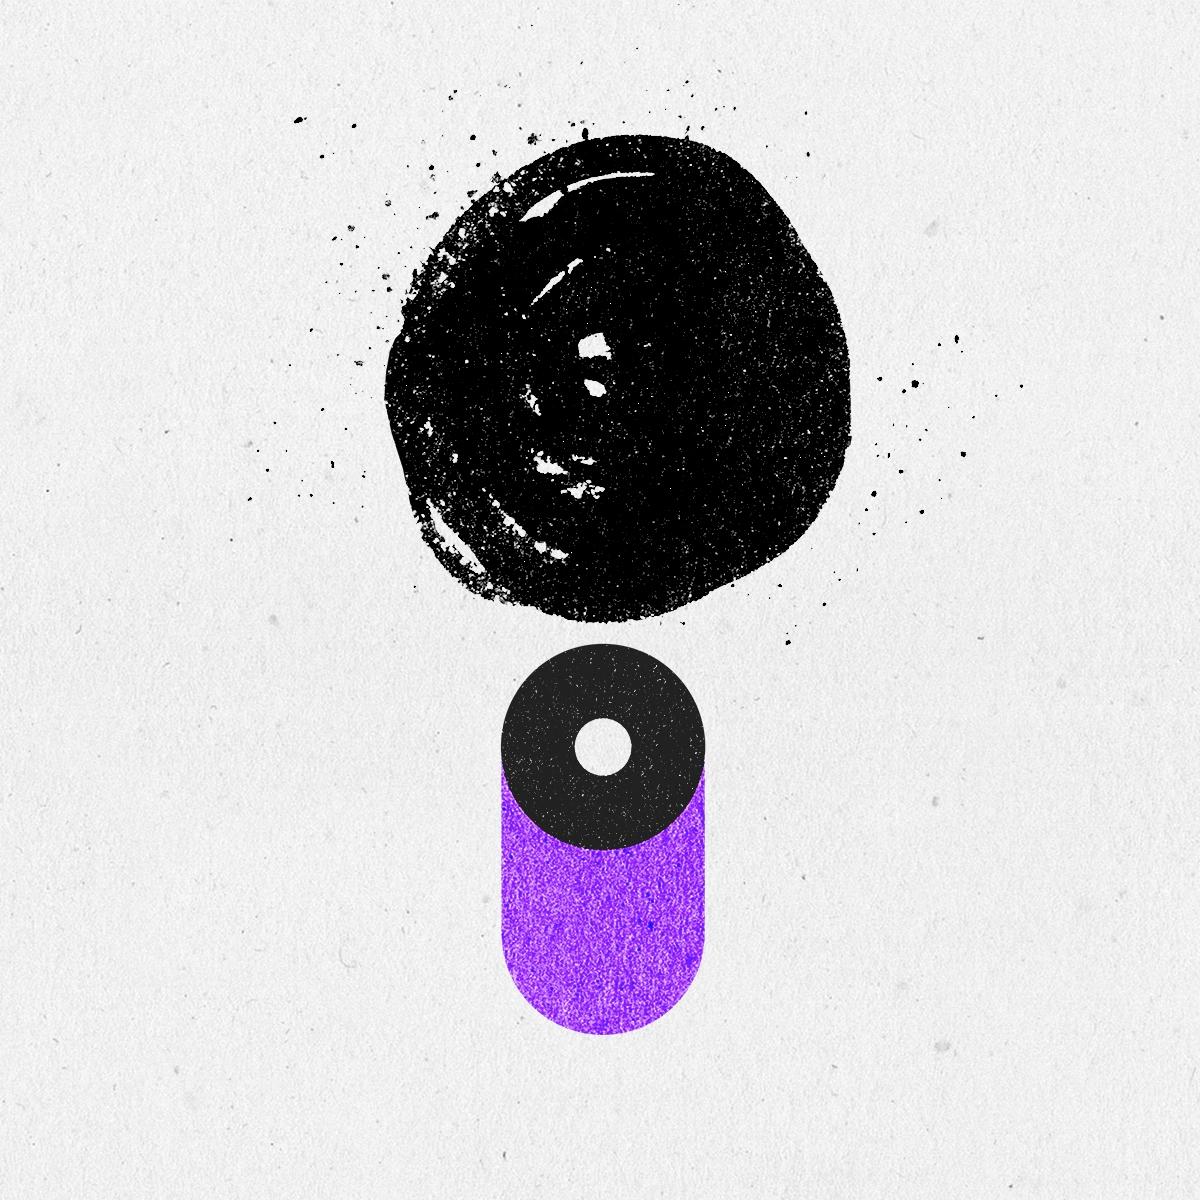 Ink - 36daysoftype, 36days_i, 36daysoftype04 - llanwafu | ello